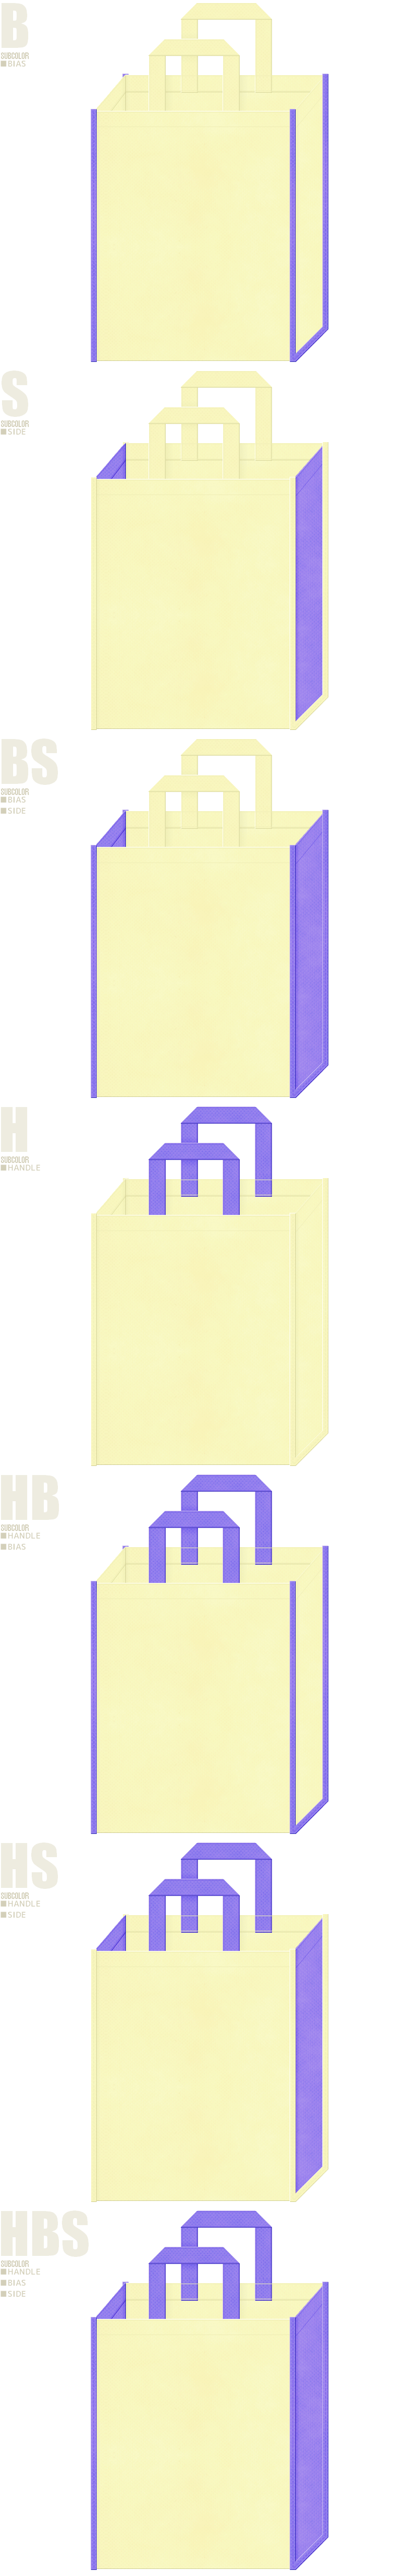 保育・福祉・介護・ファンシー・スター・ブリリアント・パステルカラーの不織布バッグにお奨め:薄黄色と薄紫色の配色7パターン。